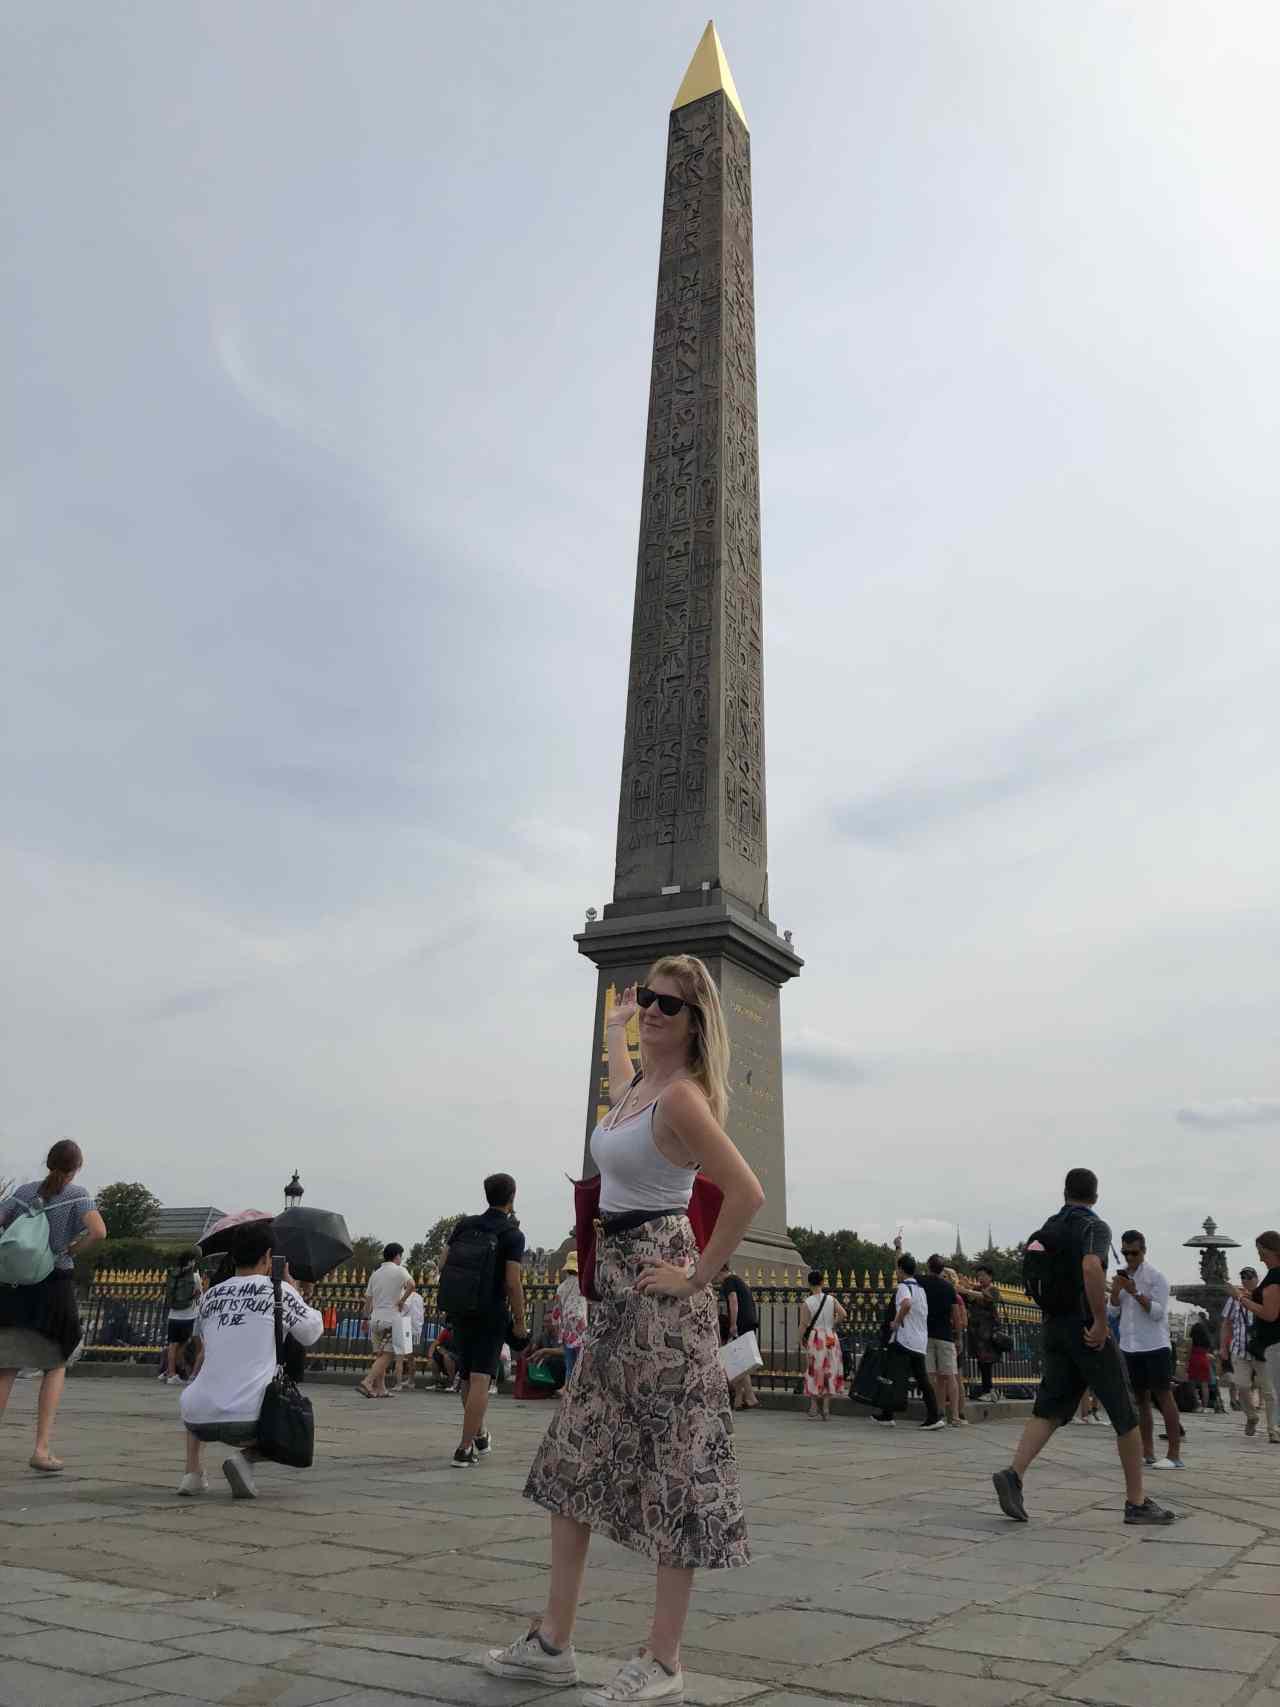 obelisk on the Place de la Concorde